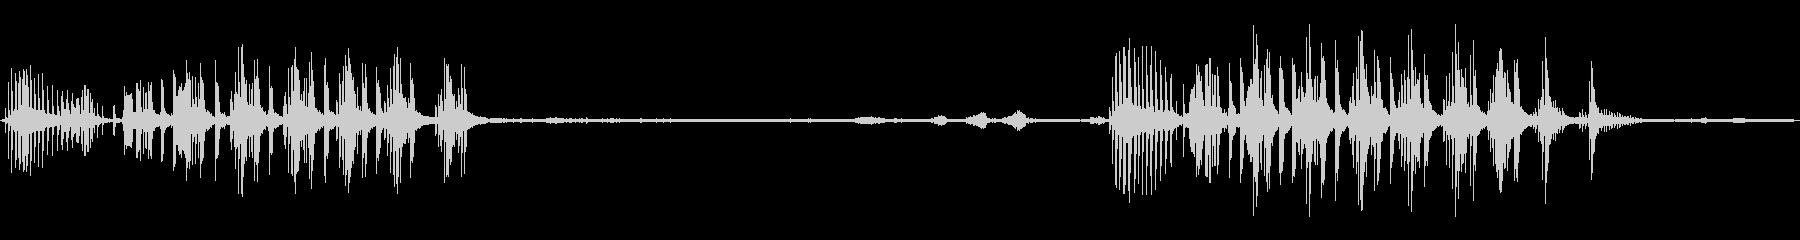 トロピカルクレーン:アラームスコークスの未再生の波形